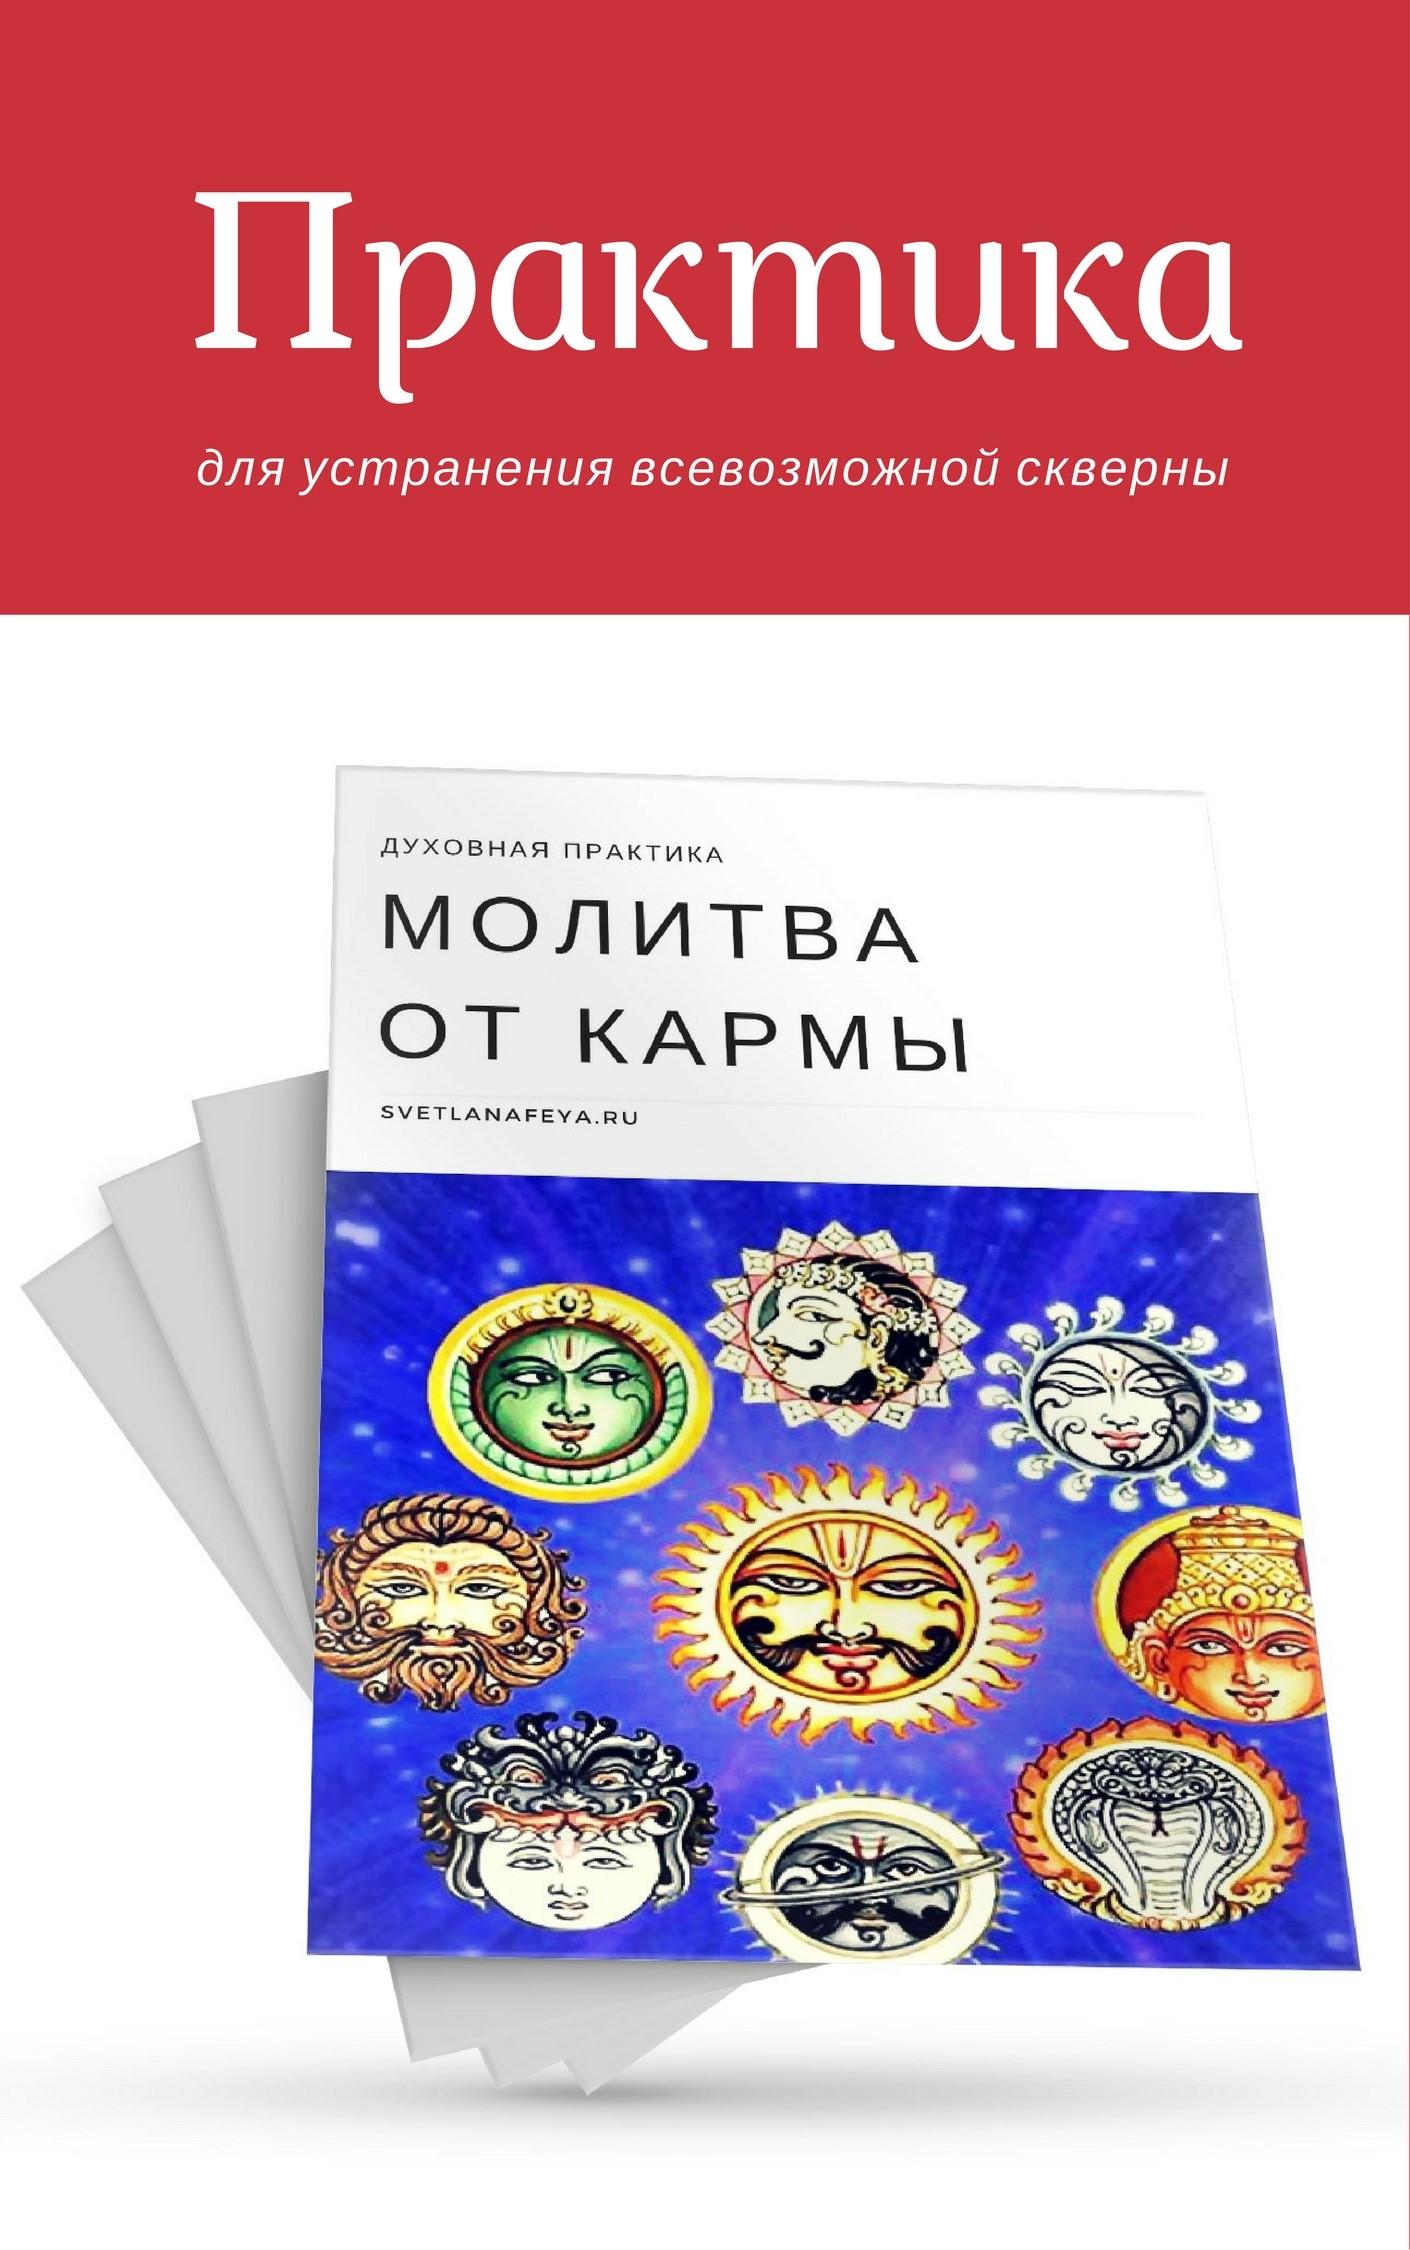 http://svetlanafeya.ru/molitvy-ot-karmy/